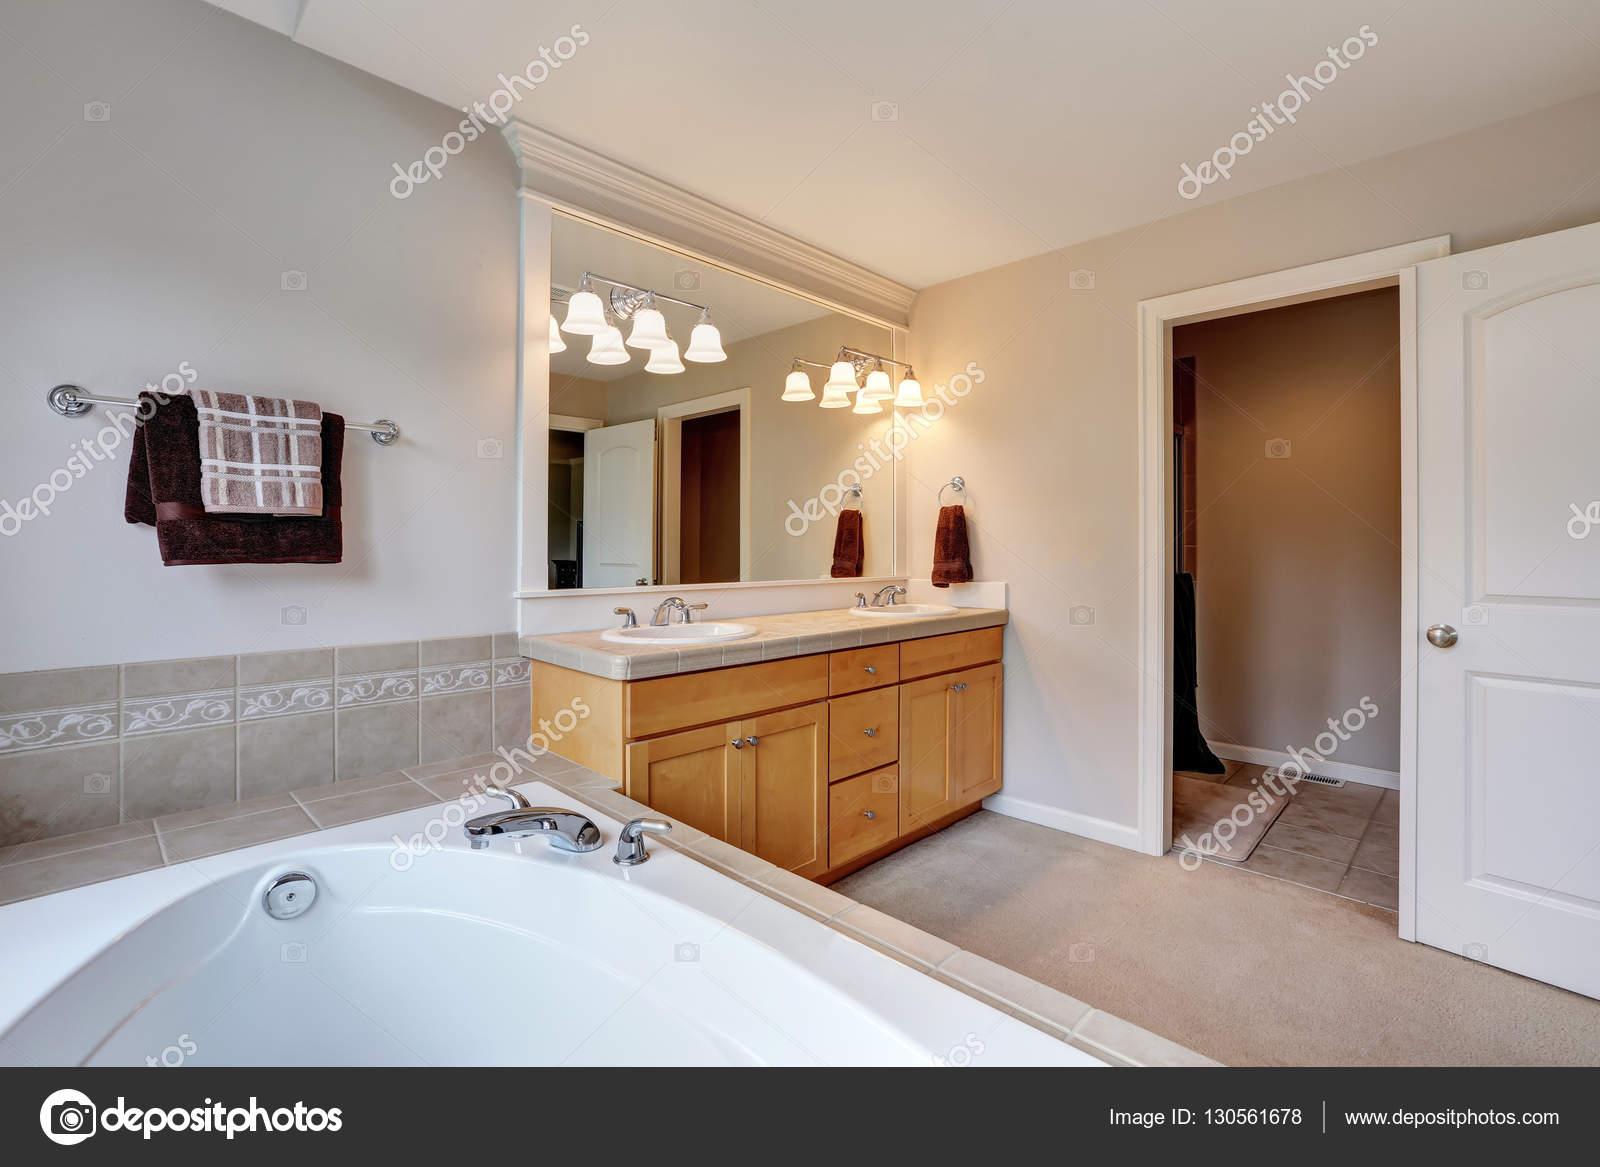 Interieur Lumineux Et Propre Salle De Bain Avec Double Lavabo Vanite Armoire Blanc Baignoire En Carreaux Beige Surround Nord Ouest E U